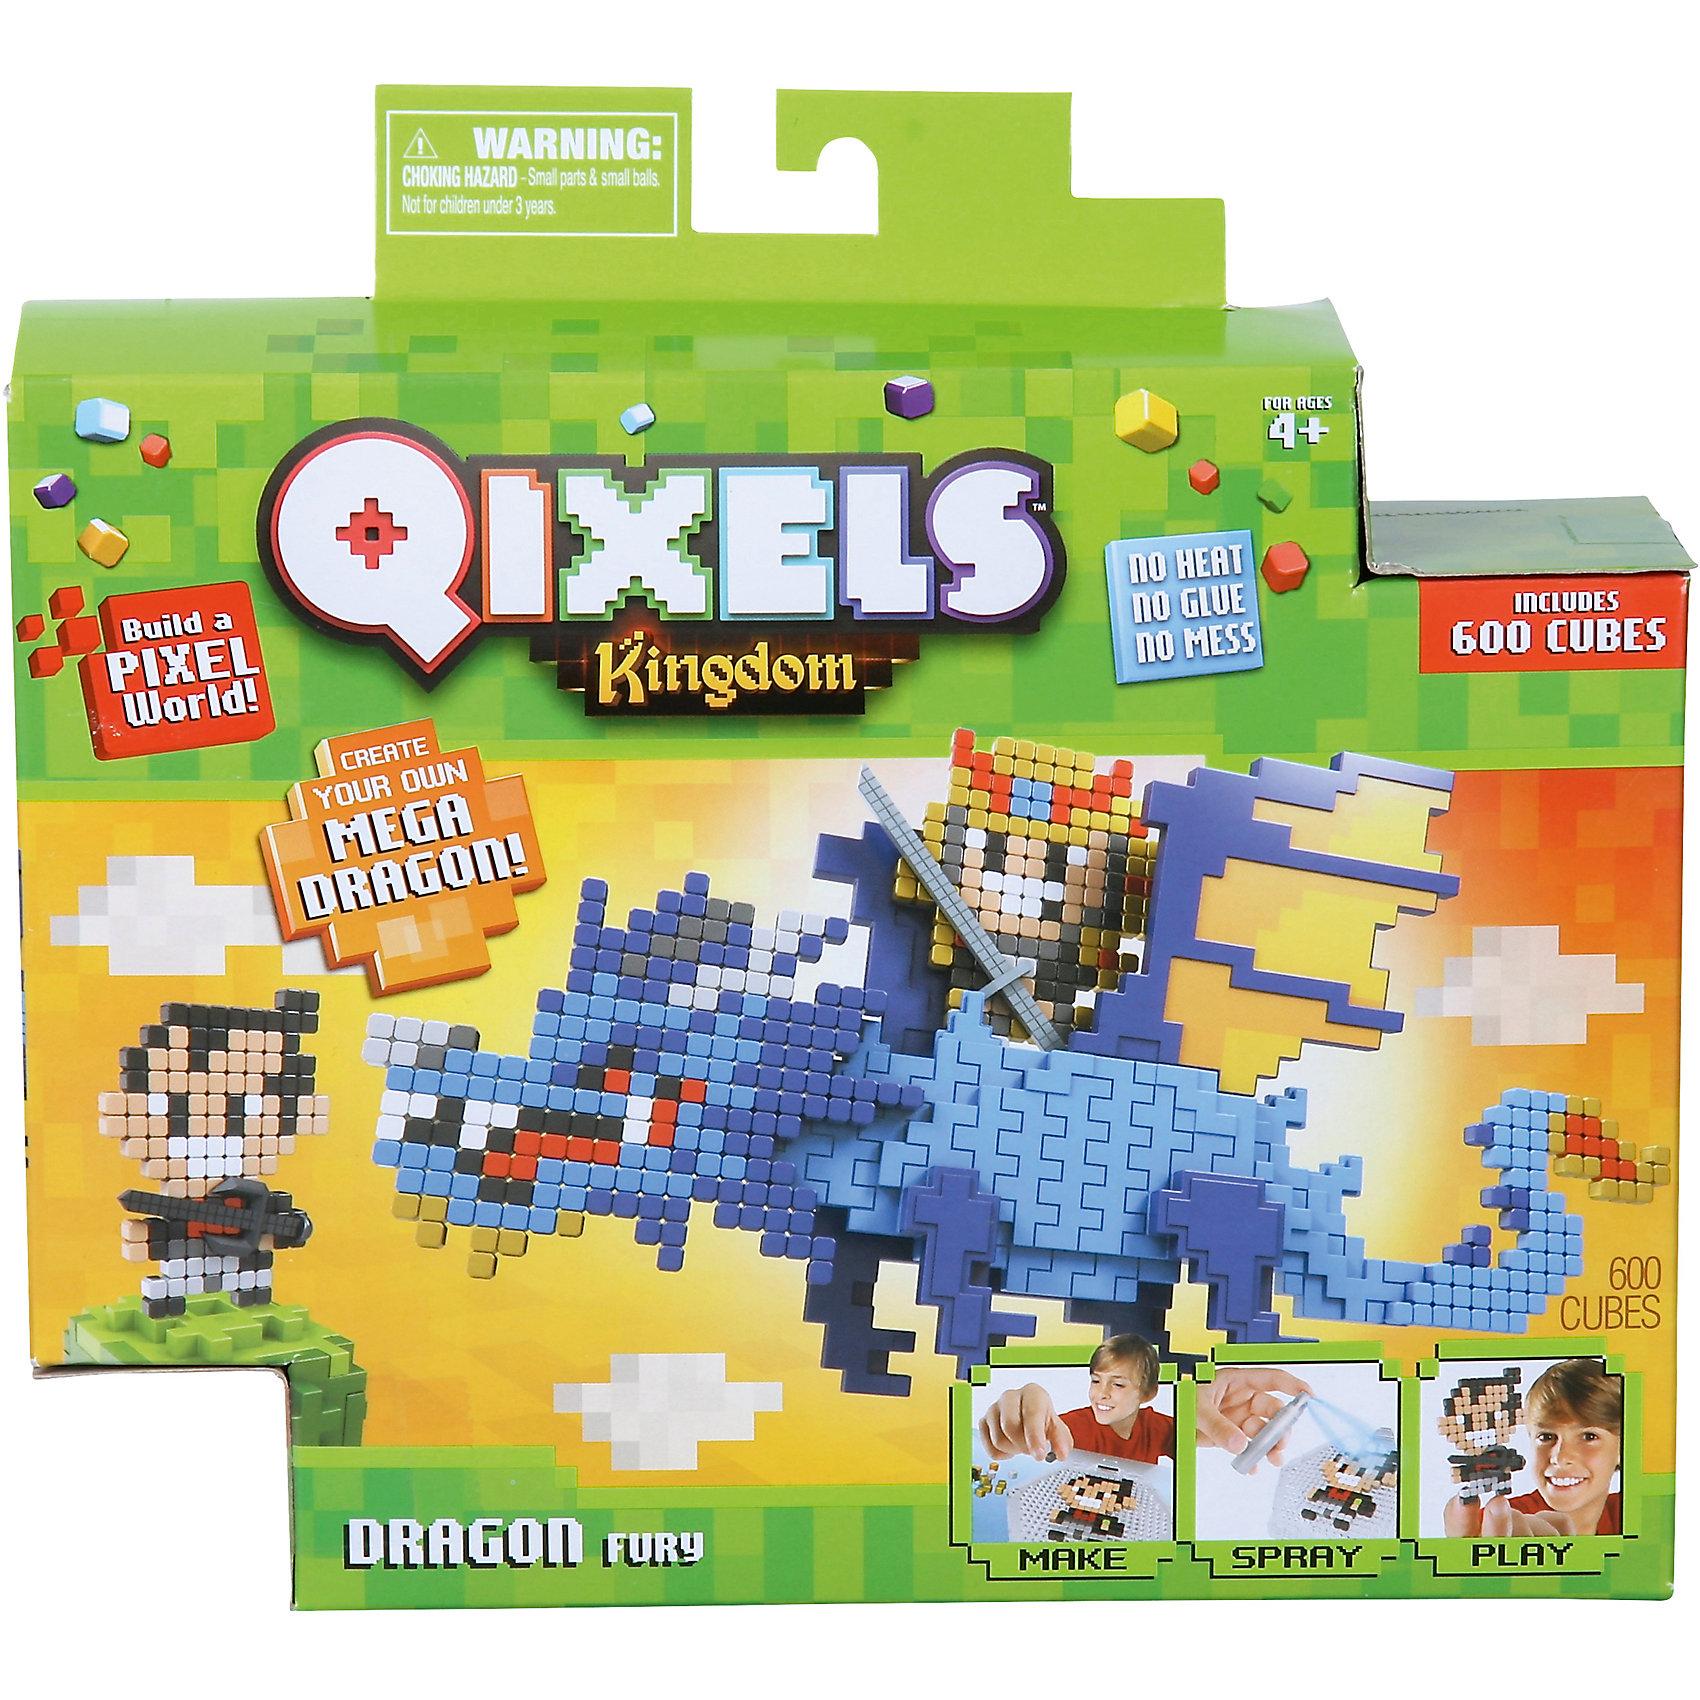 QIXELS Набор для творчества Королевство. Гнев дракона.Пластмассовые конструкторы<br>Qixels – кубики, которые скрепляются при помощи воды! Создай свой дизайн, сбрызни водой, оставь на 30 минут и фигурка готова! Состав набора: резервуар для воды, 600 кубиков, 4 дизайн лекала, элемент с 3D дизайном (состоящий из четырех частей), опора, база, 2 аксессуара, набор стикеров, емкость для кубиков и инструкция.<br><br>Ширина мм: 60<br>Глубина мм: 230<br>Высота мм: 215<br>Вес г: 418<br>Возраст от месяцев: 60<br>Возраст до месяцев: 1188<br>Пол: Унисекс<br>Возраст: Детский<br>SKU: 6742245